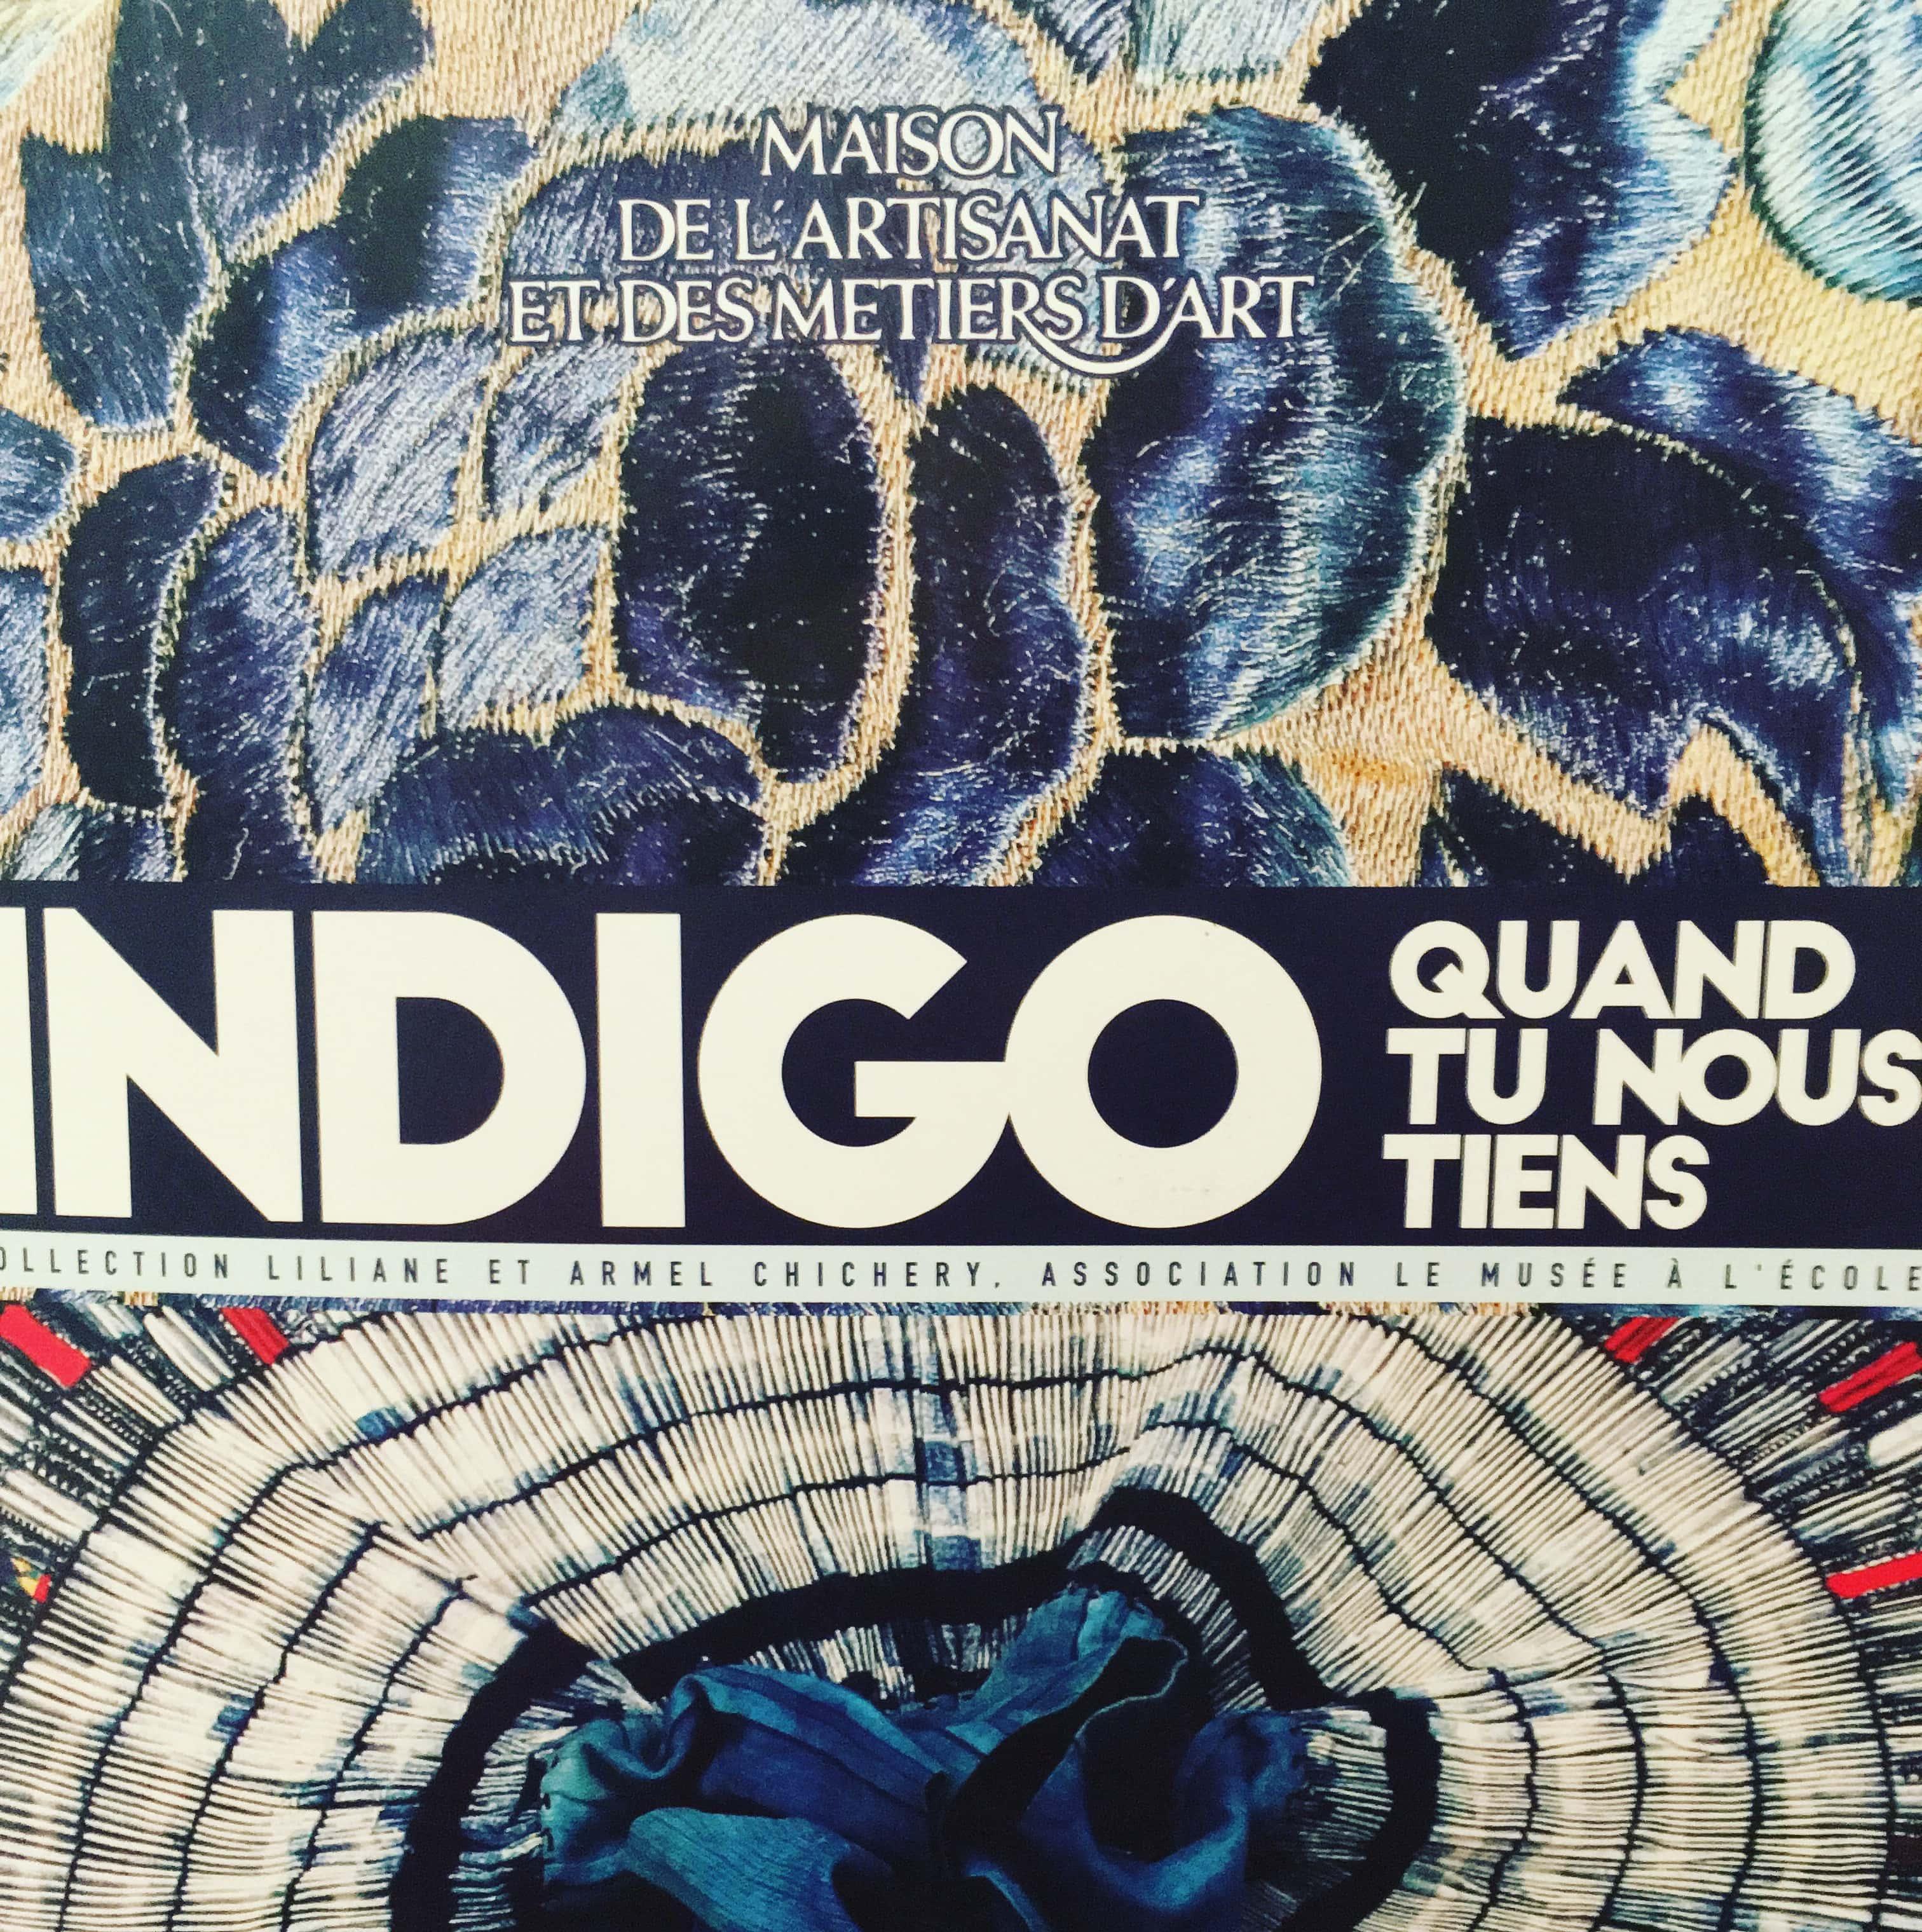 Expo: Indigo quand tu nous tiens à Marseille